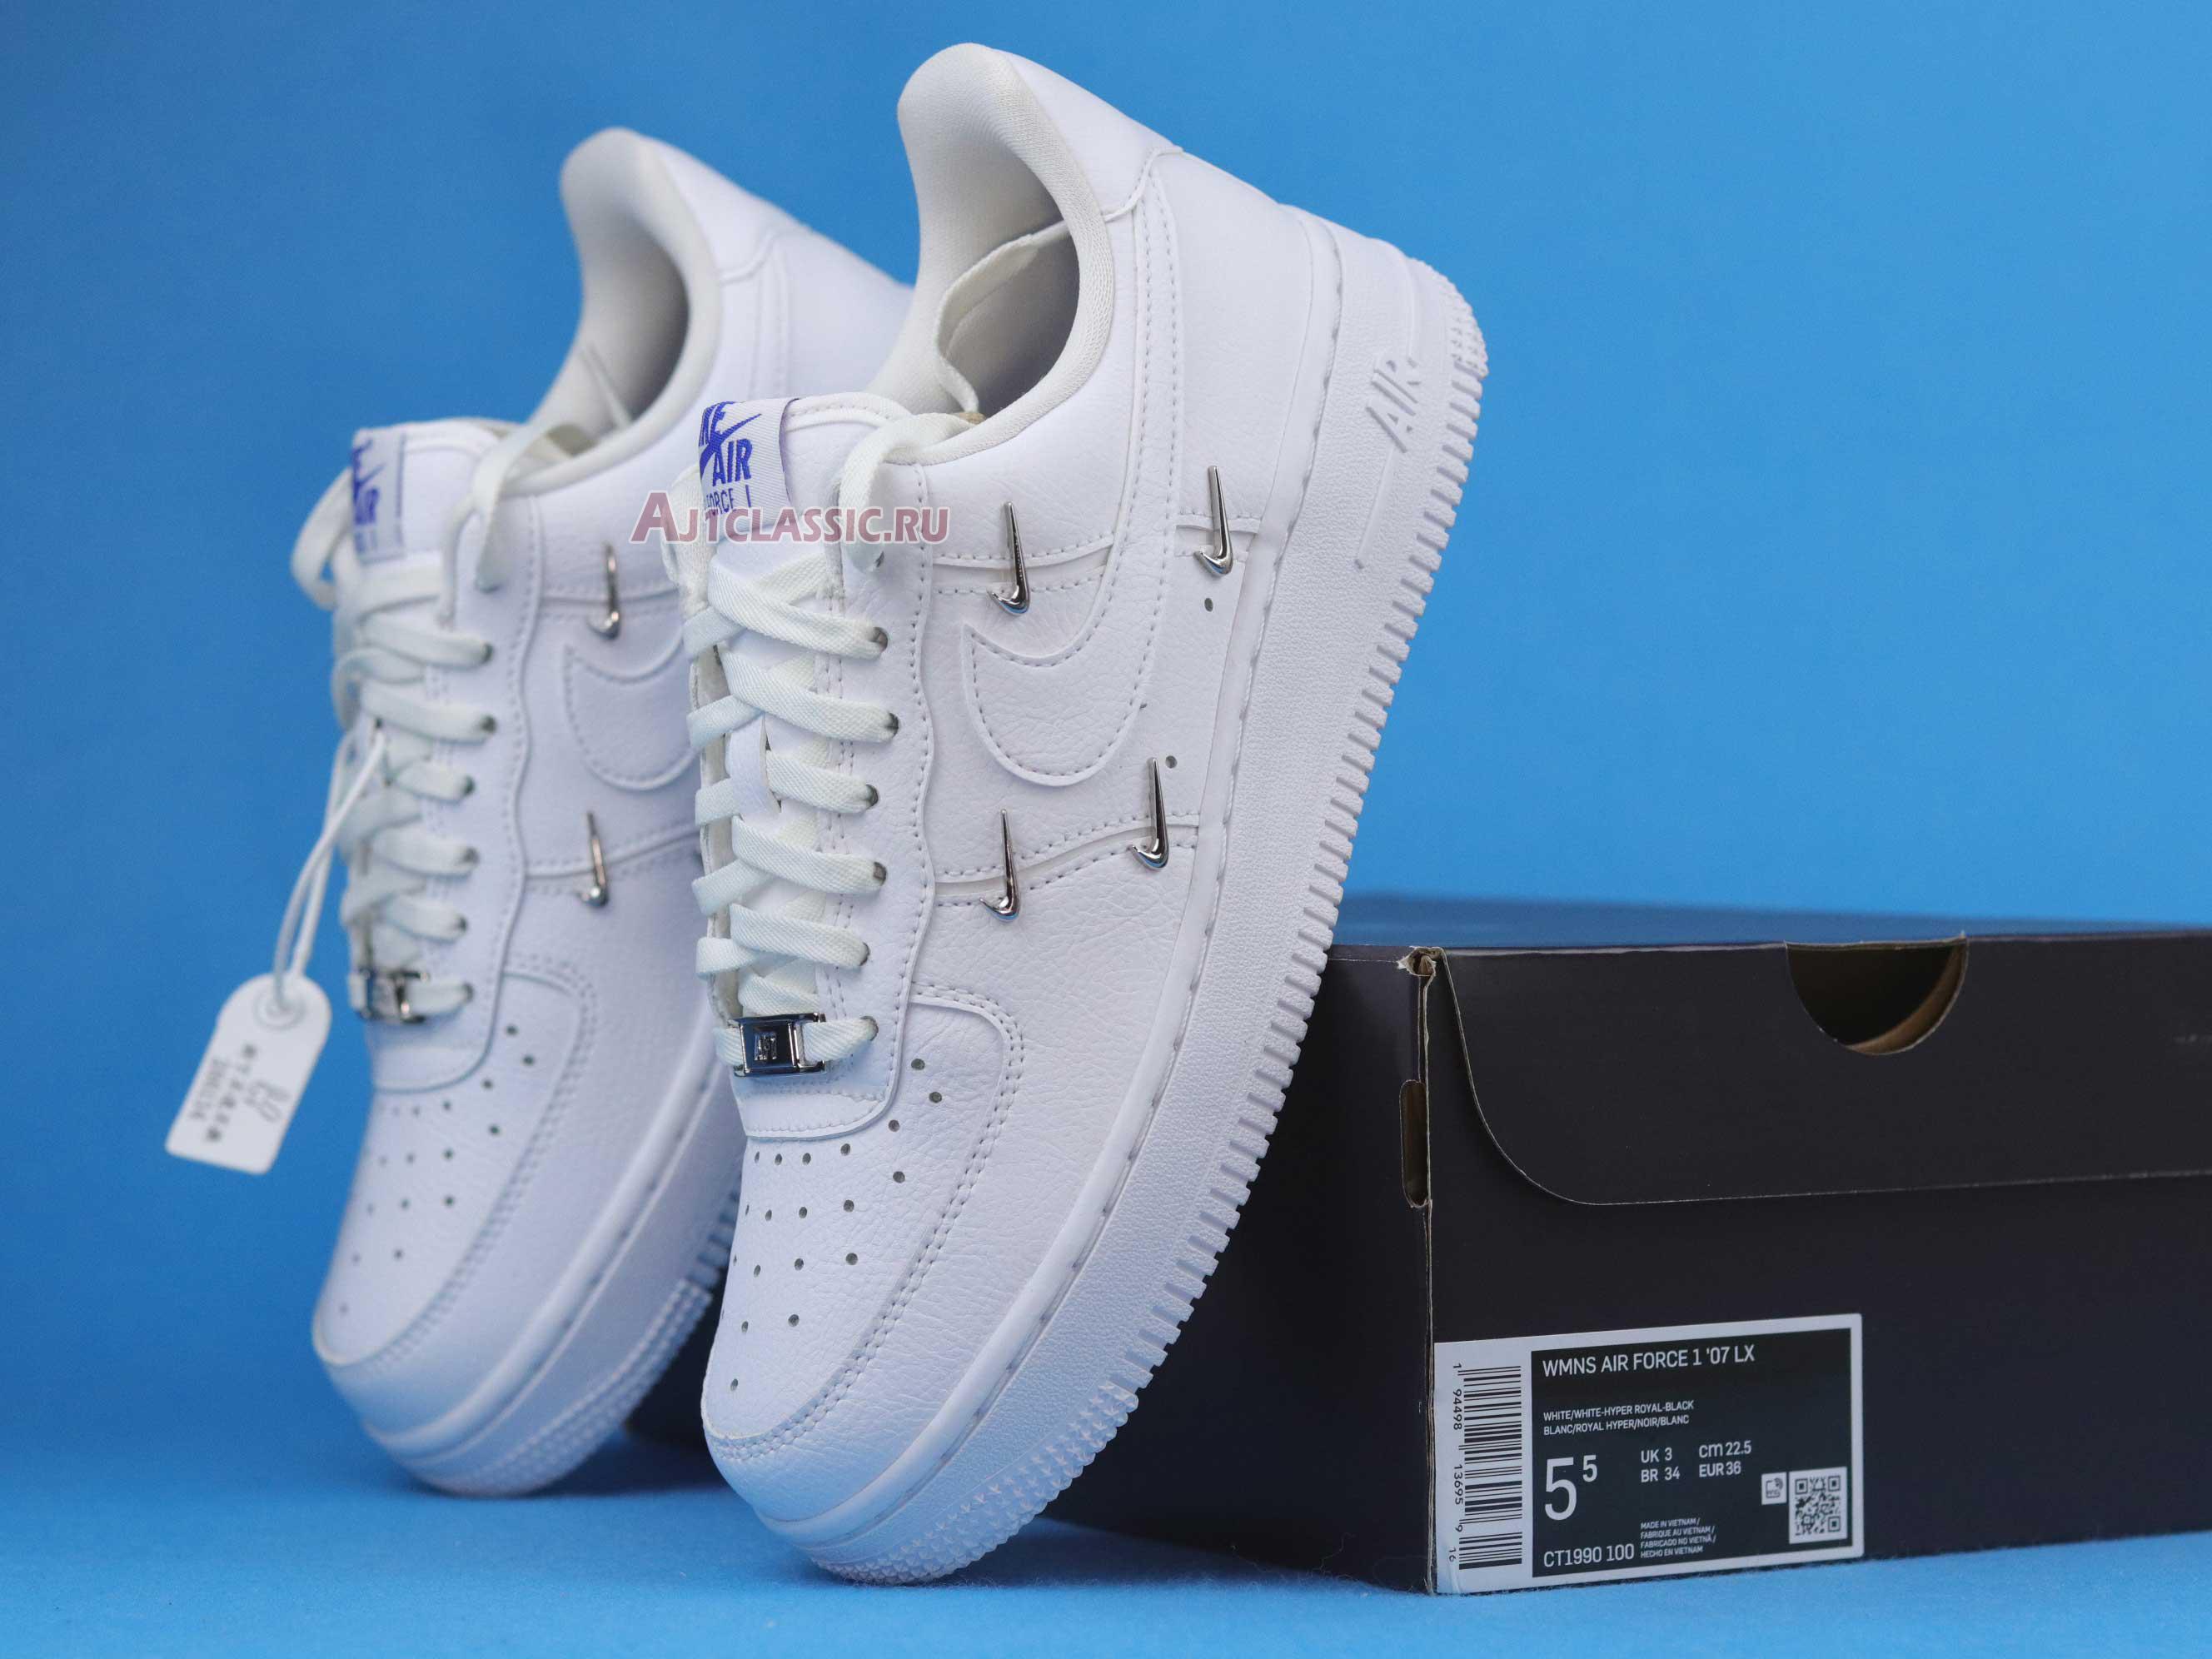 Nike Wmns Air Force 1 07 LX Sisterhood - White Metallic Silver ...